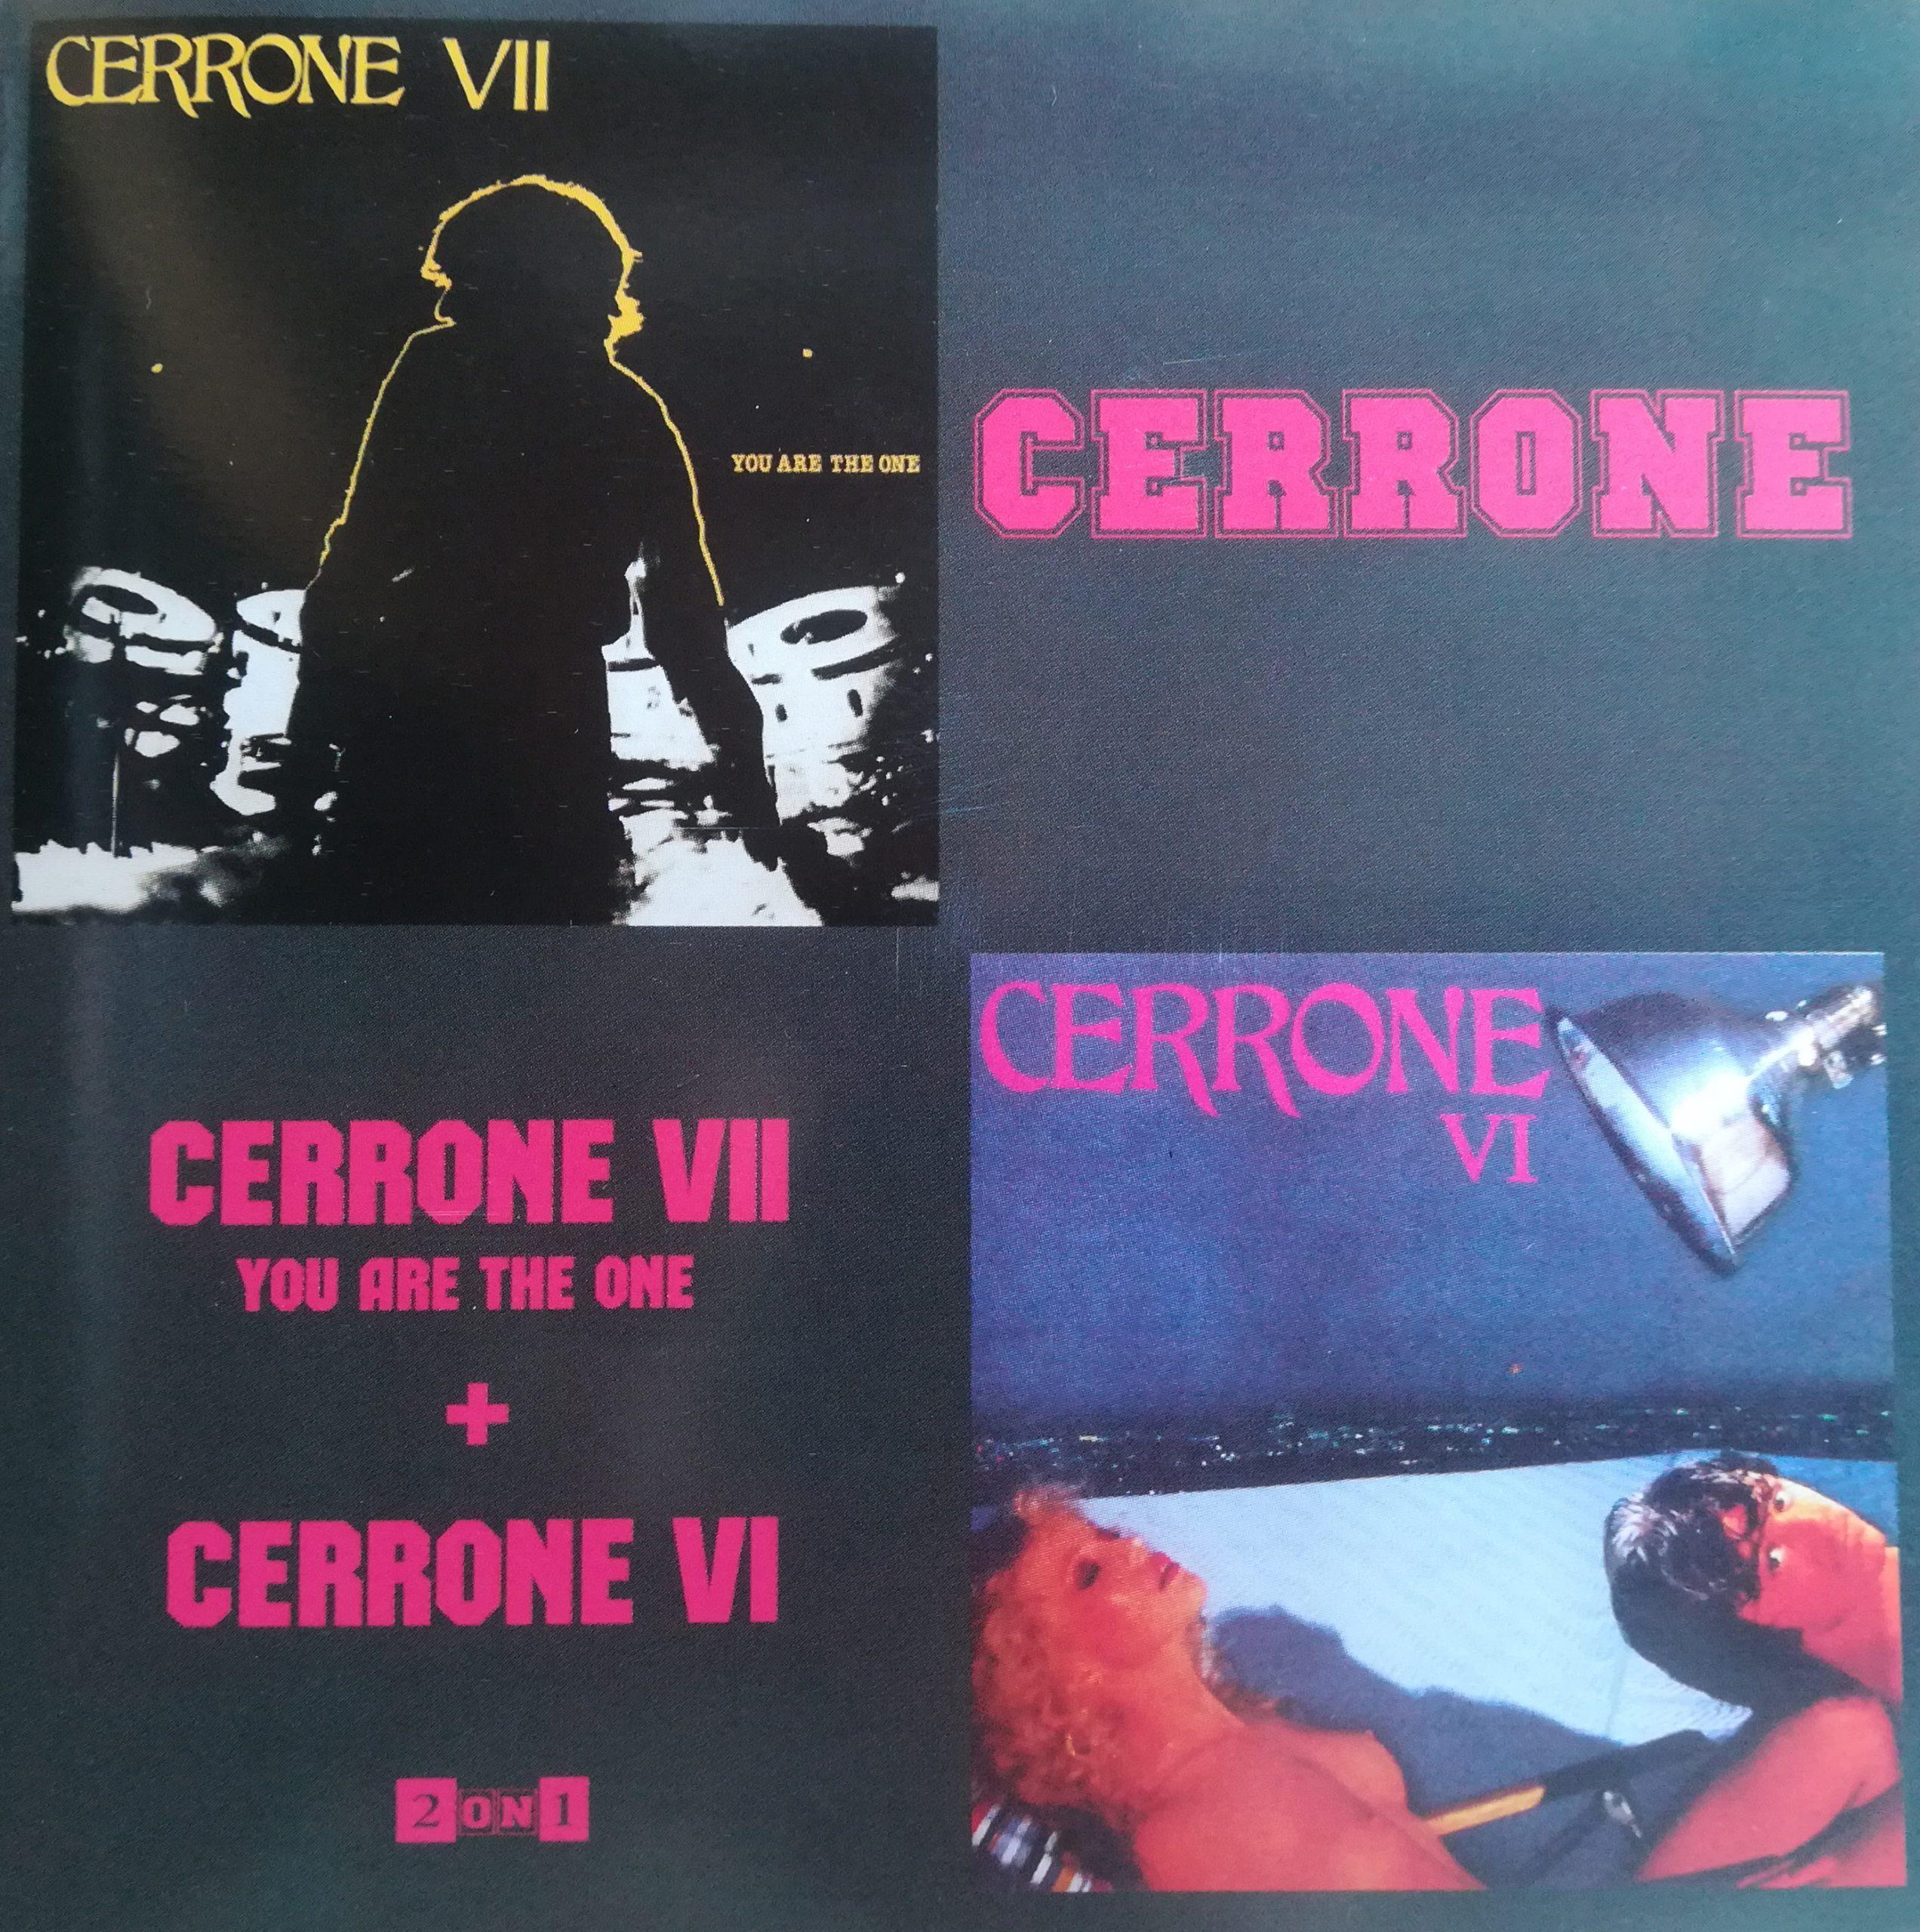 Cerrone - You Are The One & Cerrone VI (1980)